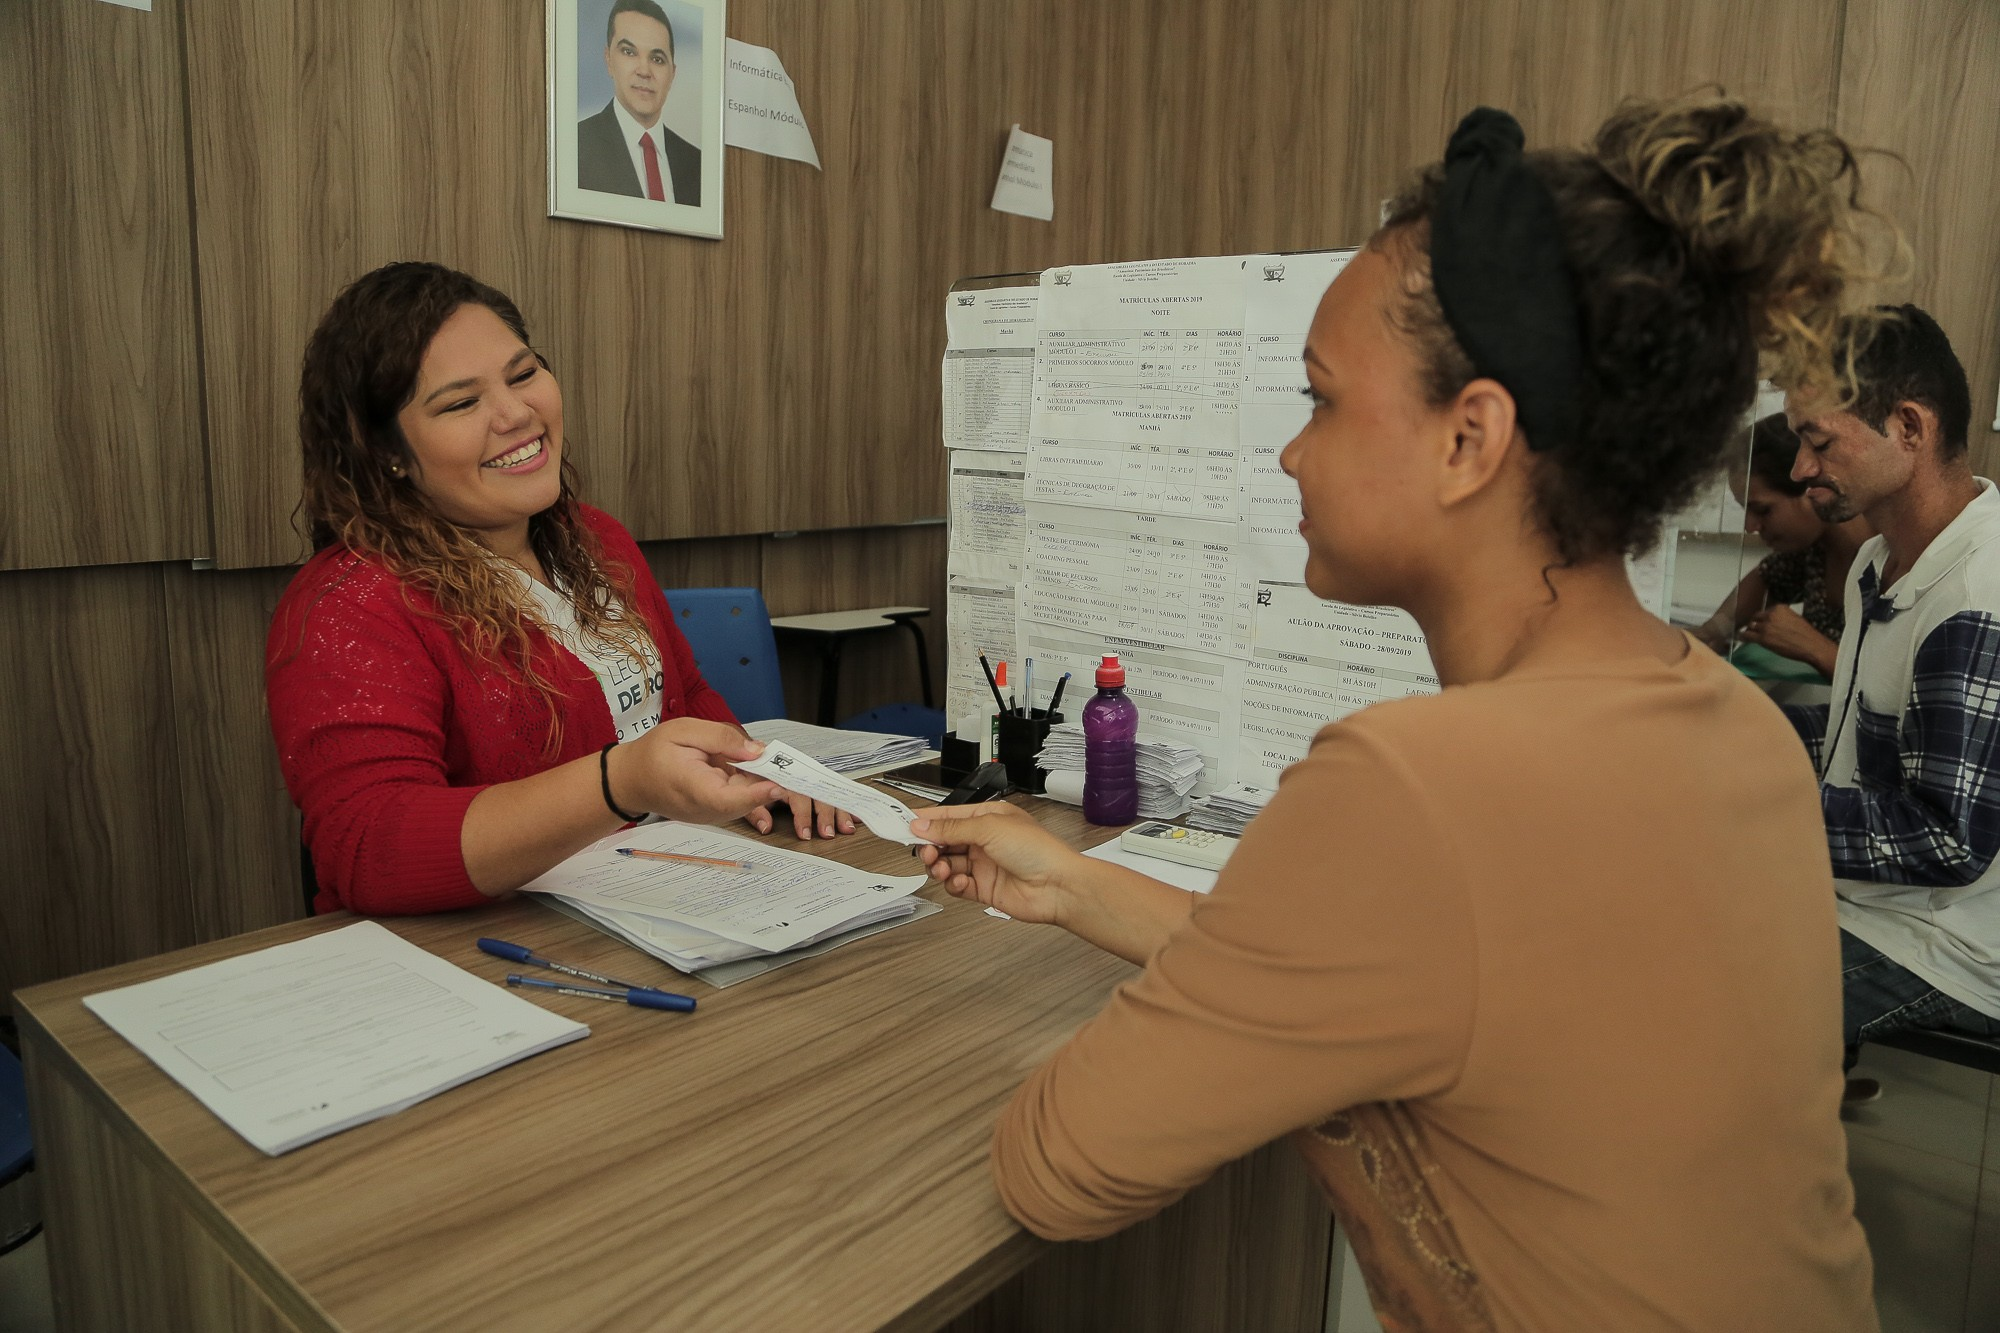 Escola do Legislativo abre mais de 3 mil vagas em cursos gratuitos de capacitação no interior de RR - Notícias - Plantão Diário